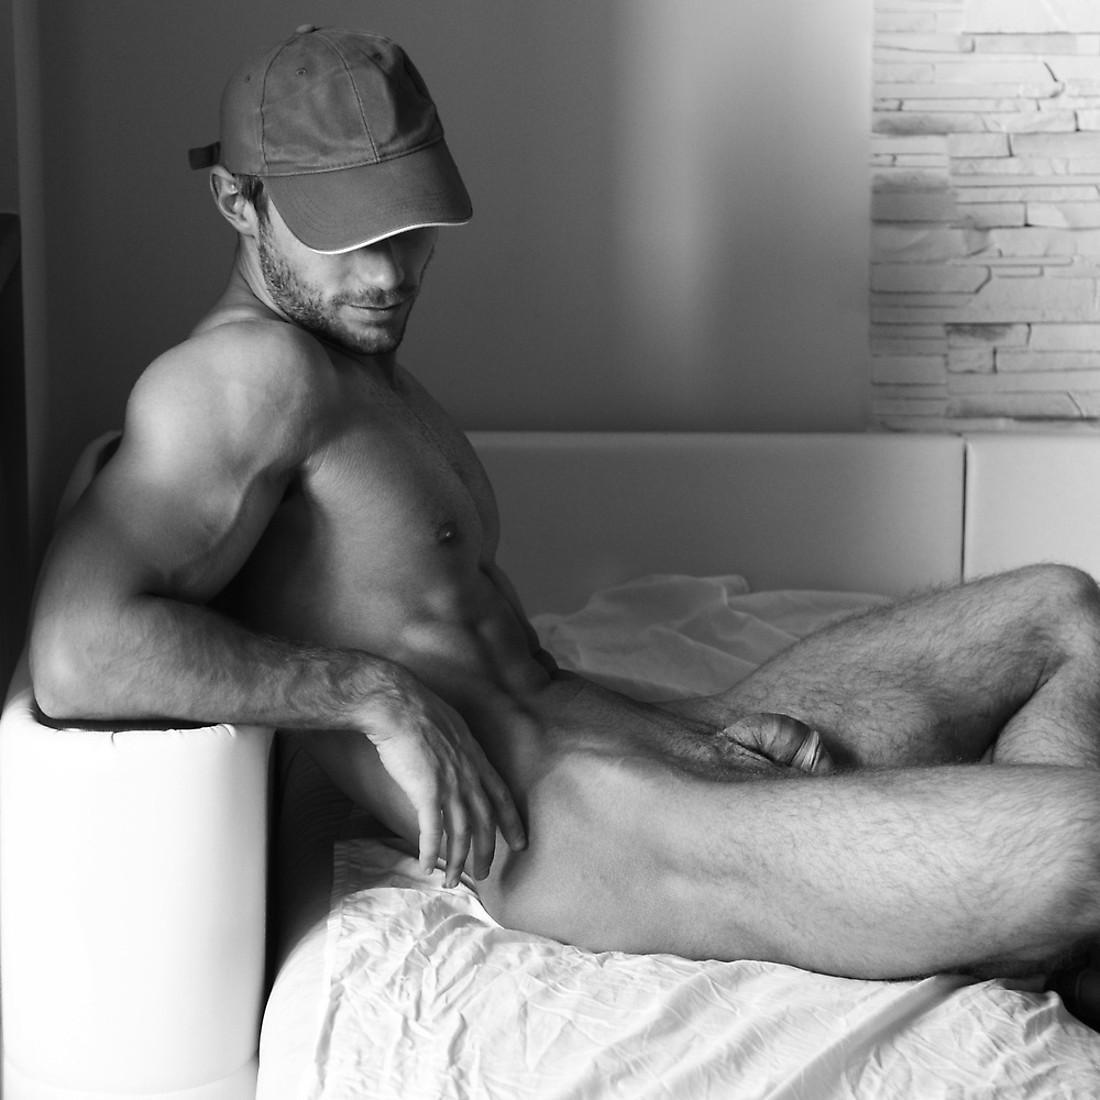 hot gay dudes daddies porn